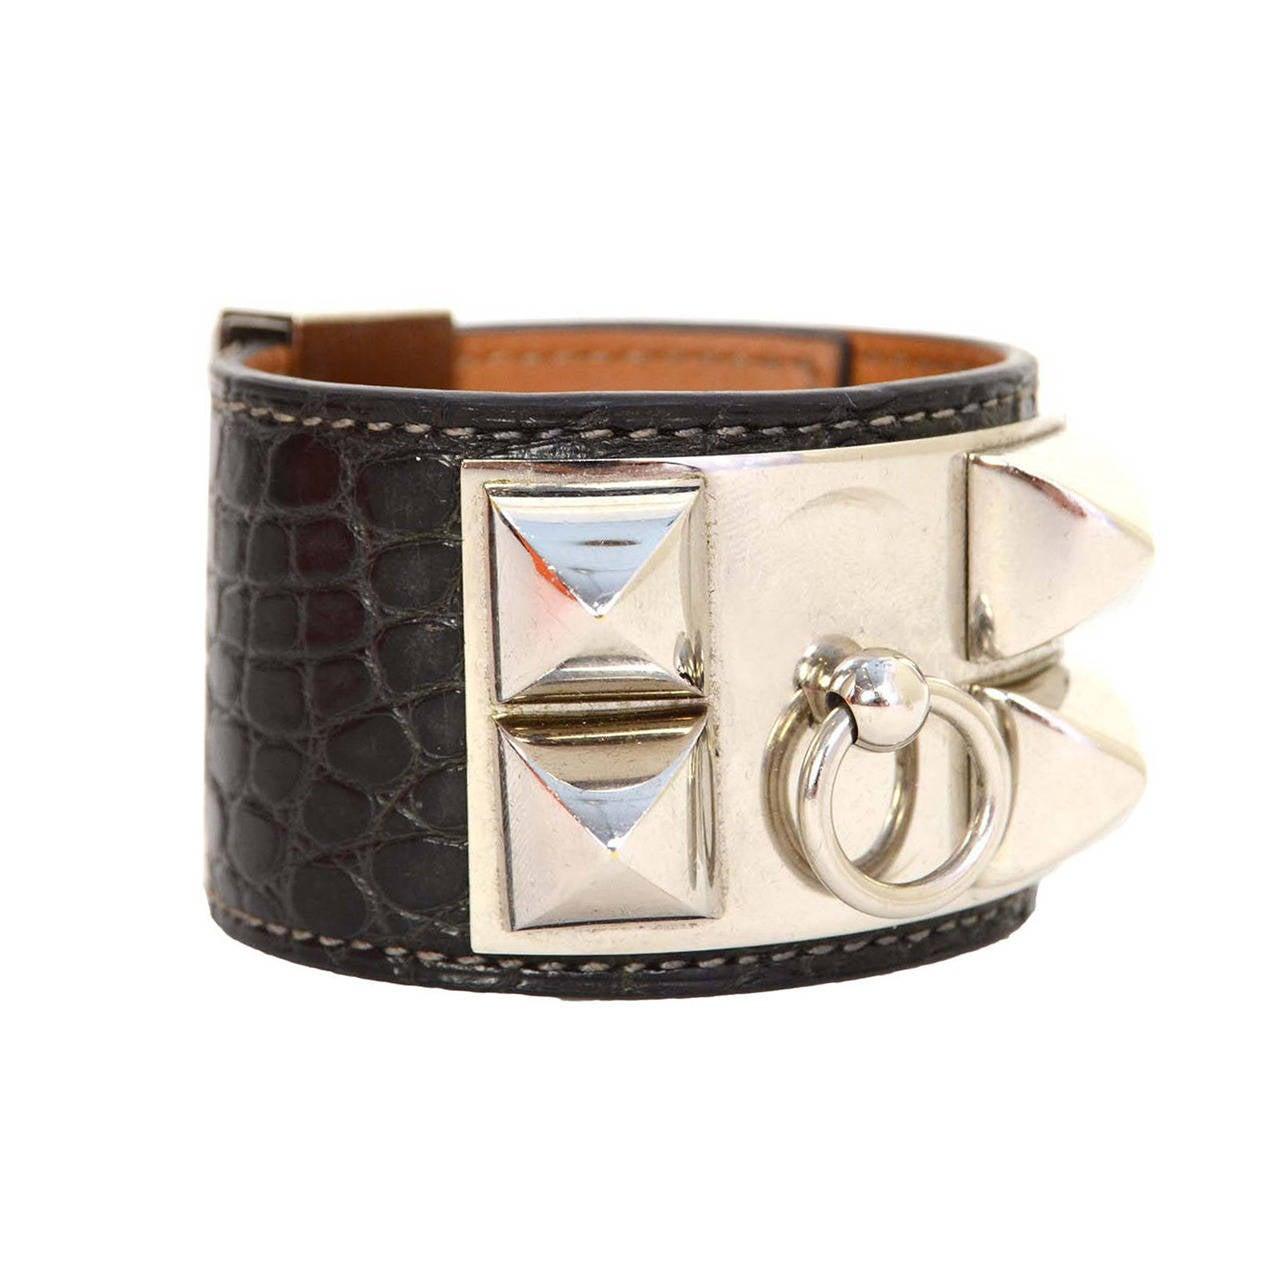 e022cf19eca ... australia hermes graphite crocodile collier de chien cdc cuff bracelet  sz s phw for sale d2926